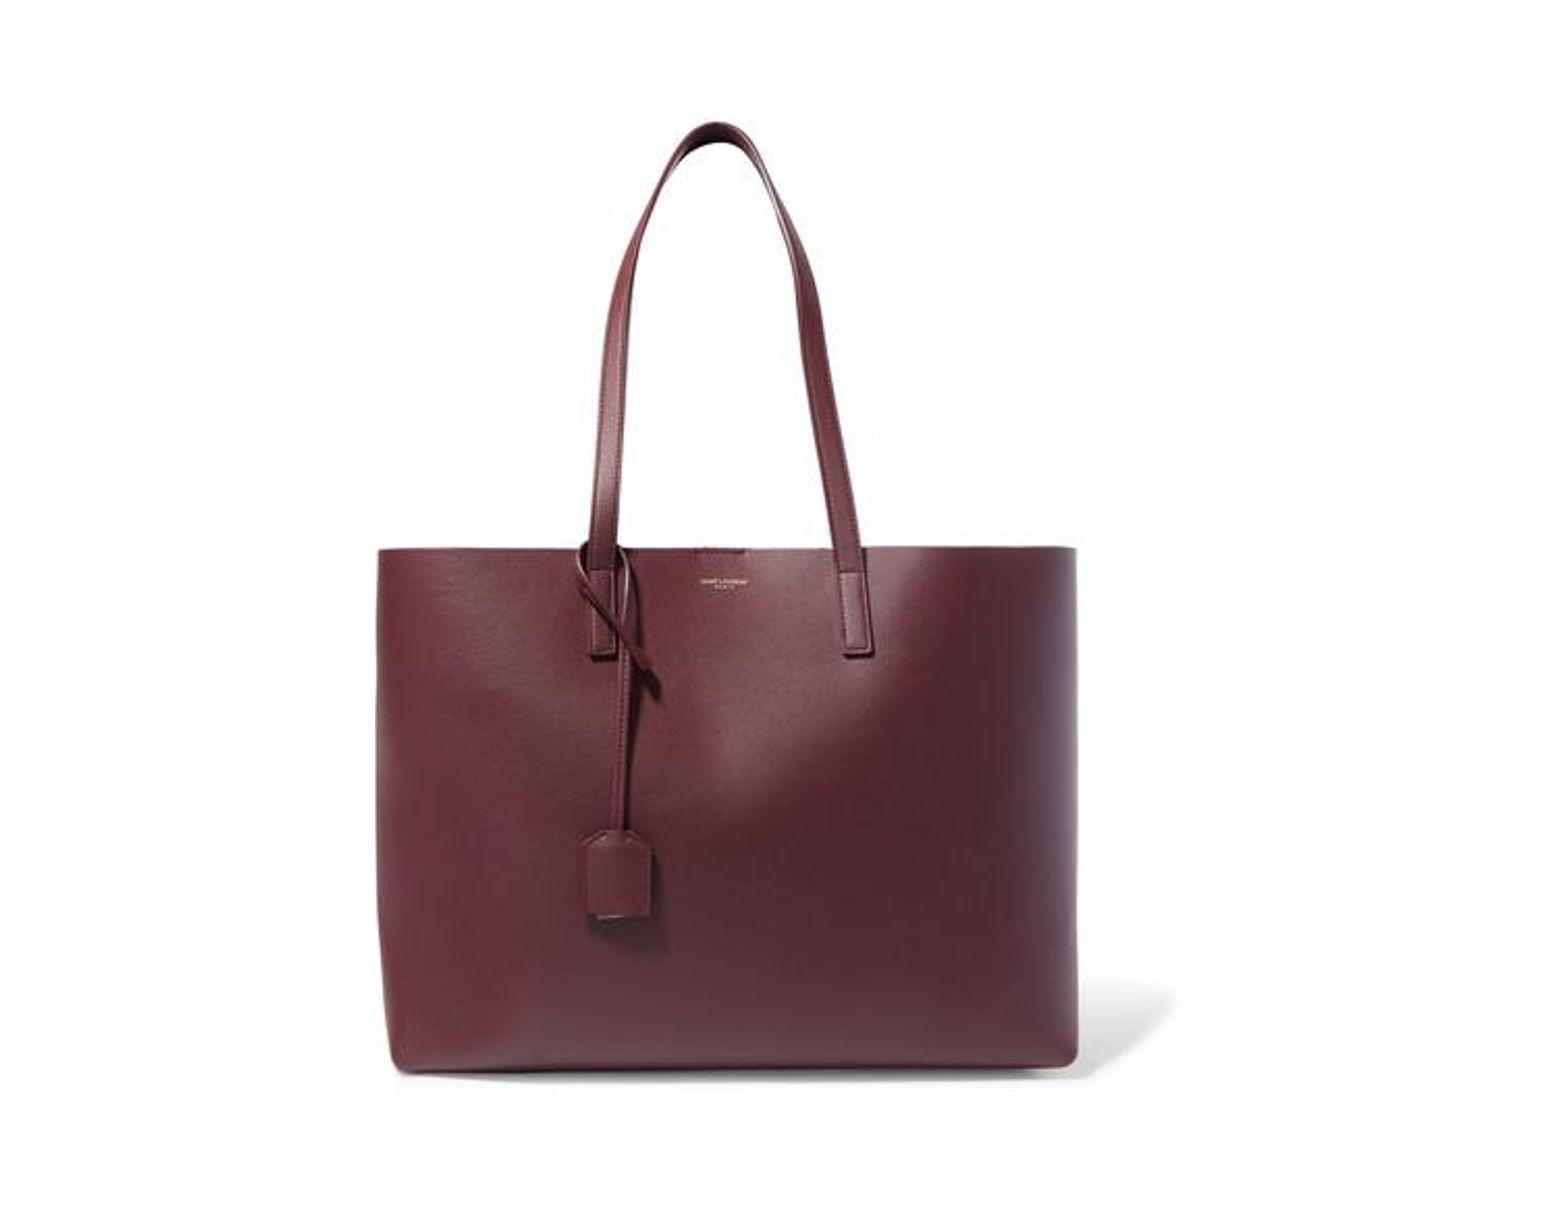 2c2220de669 Saint Laurent Shopper Large Textured-leather Tote in Purple - Save 30% -  Lyst